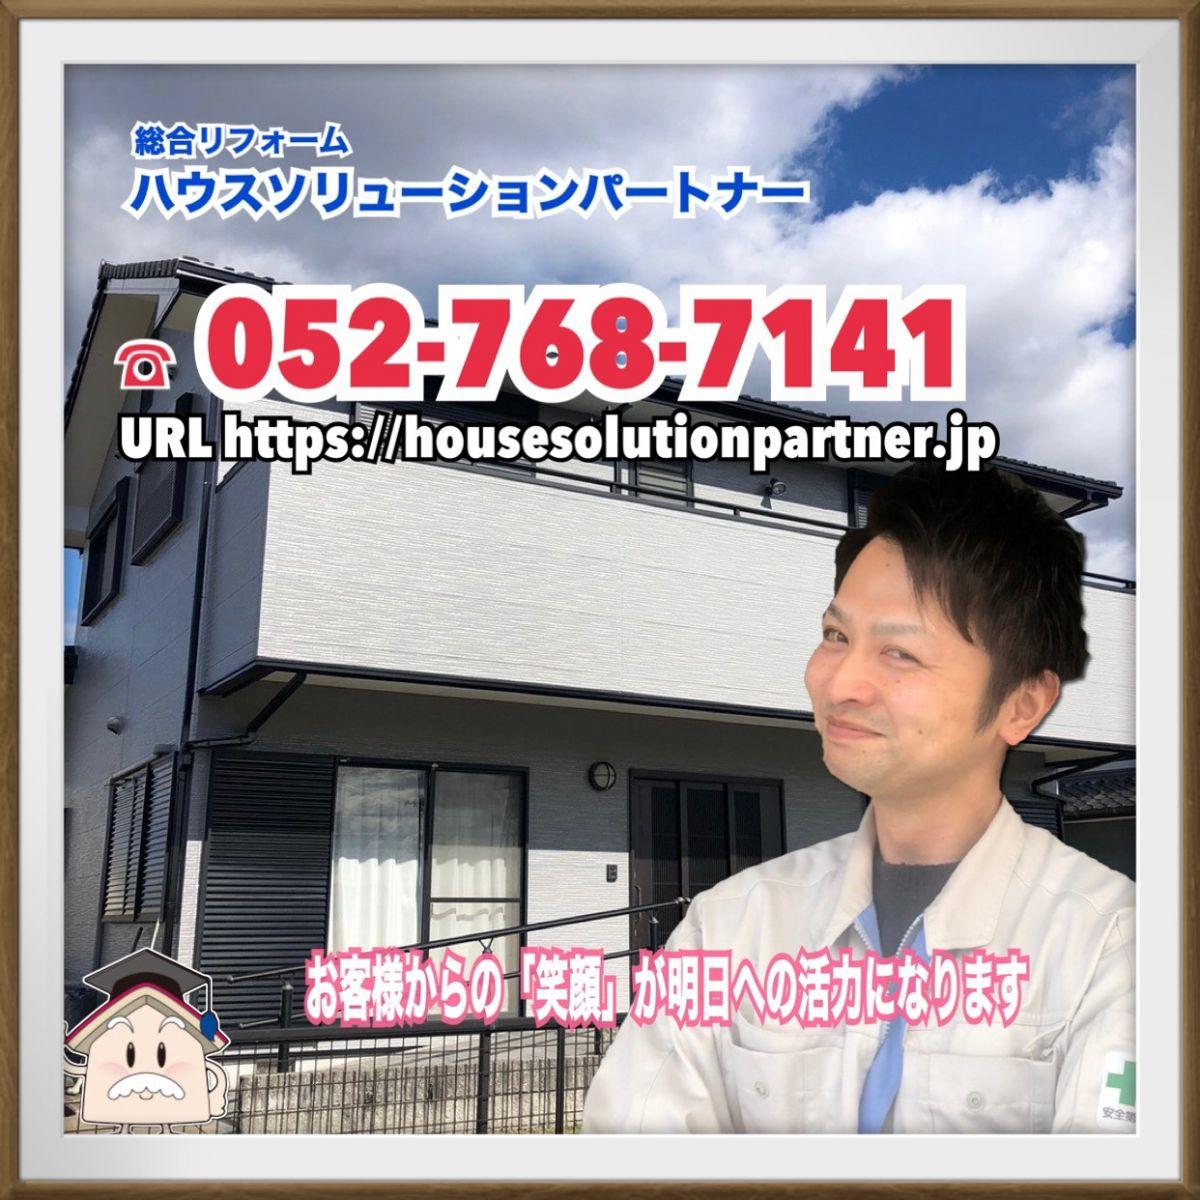 jirei_image53096